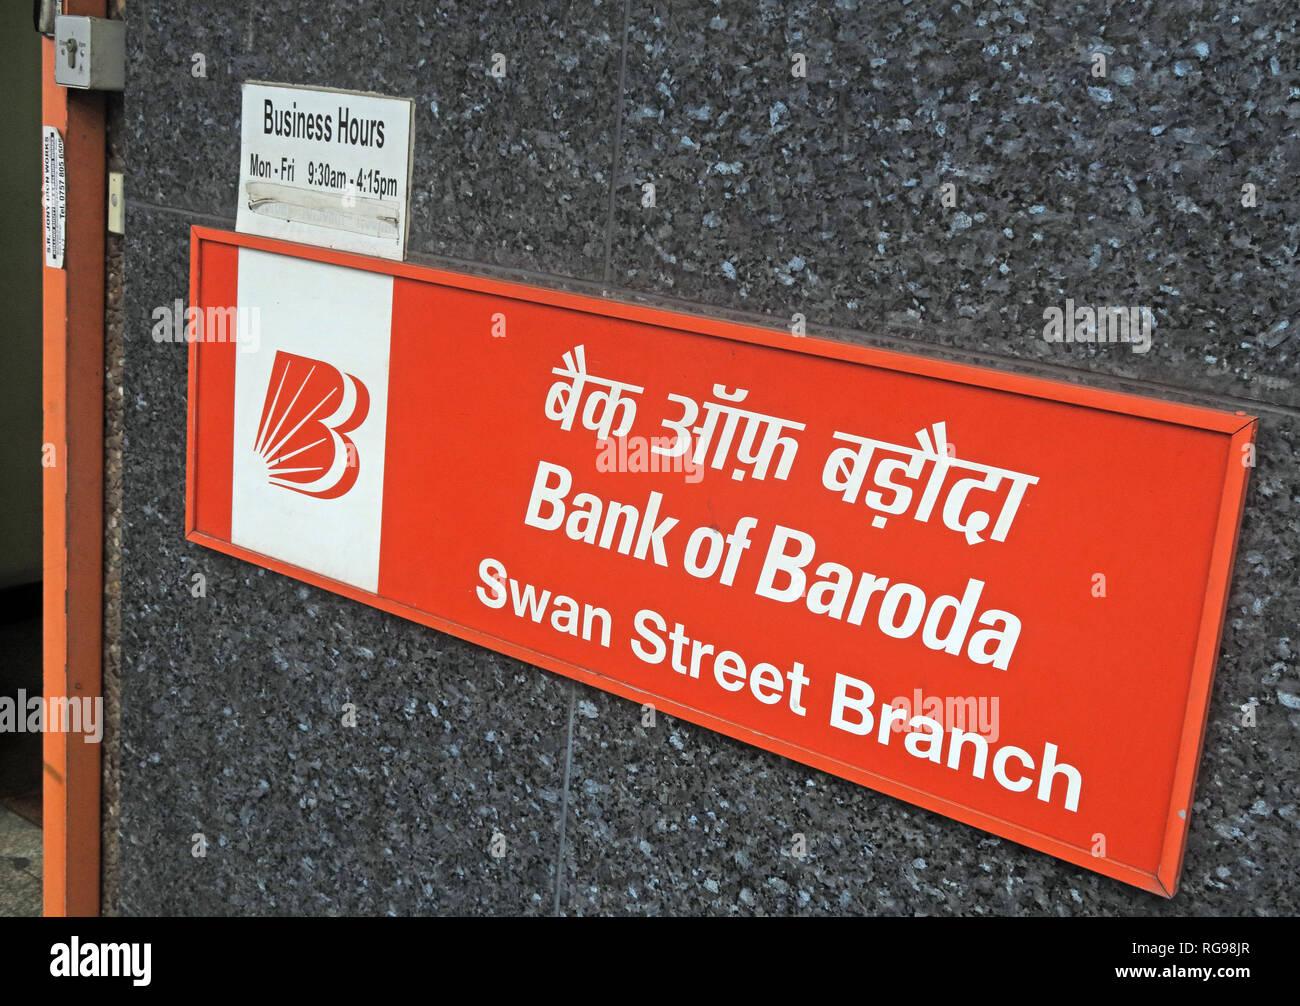 Laden Sie dieses Alamy Stockfoto Rote Zeichen, Bank von Baroda, Swan Street BoB in Manchester, England, Großbritannien - RG98JR